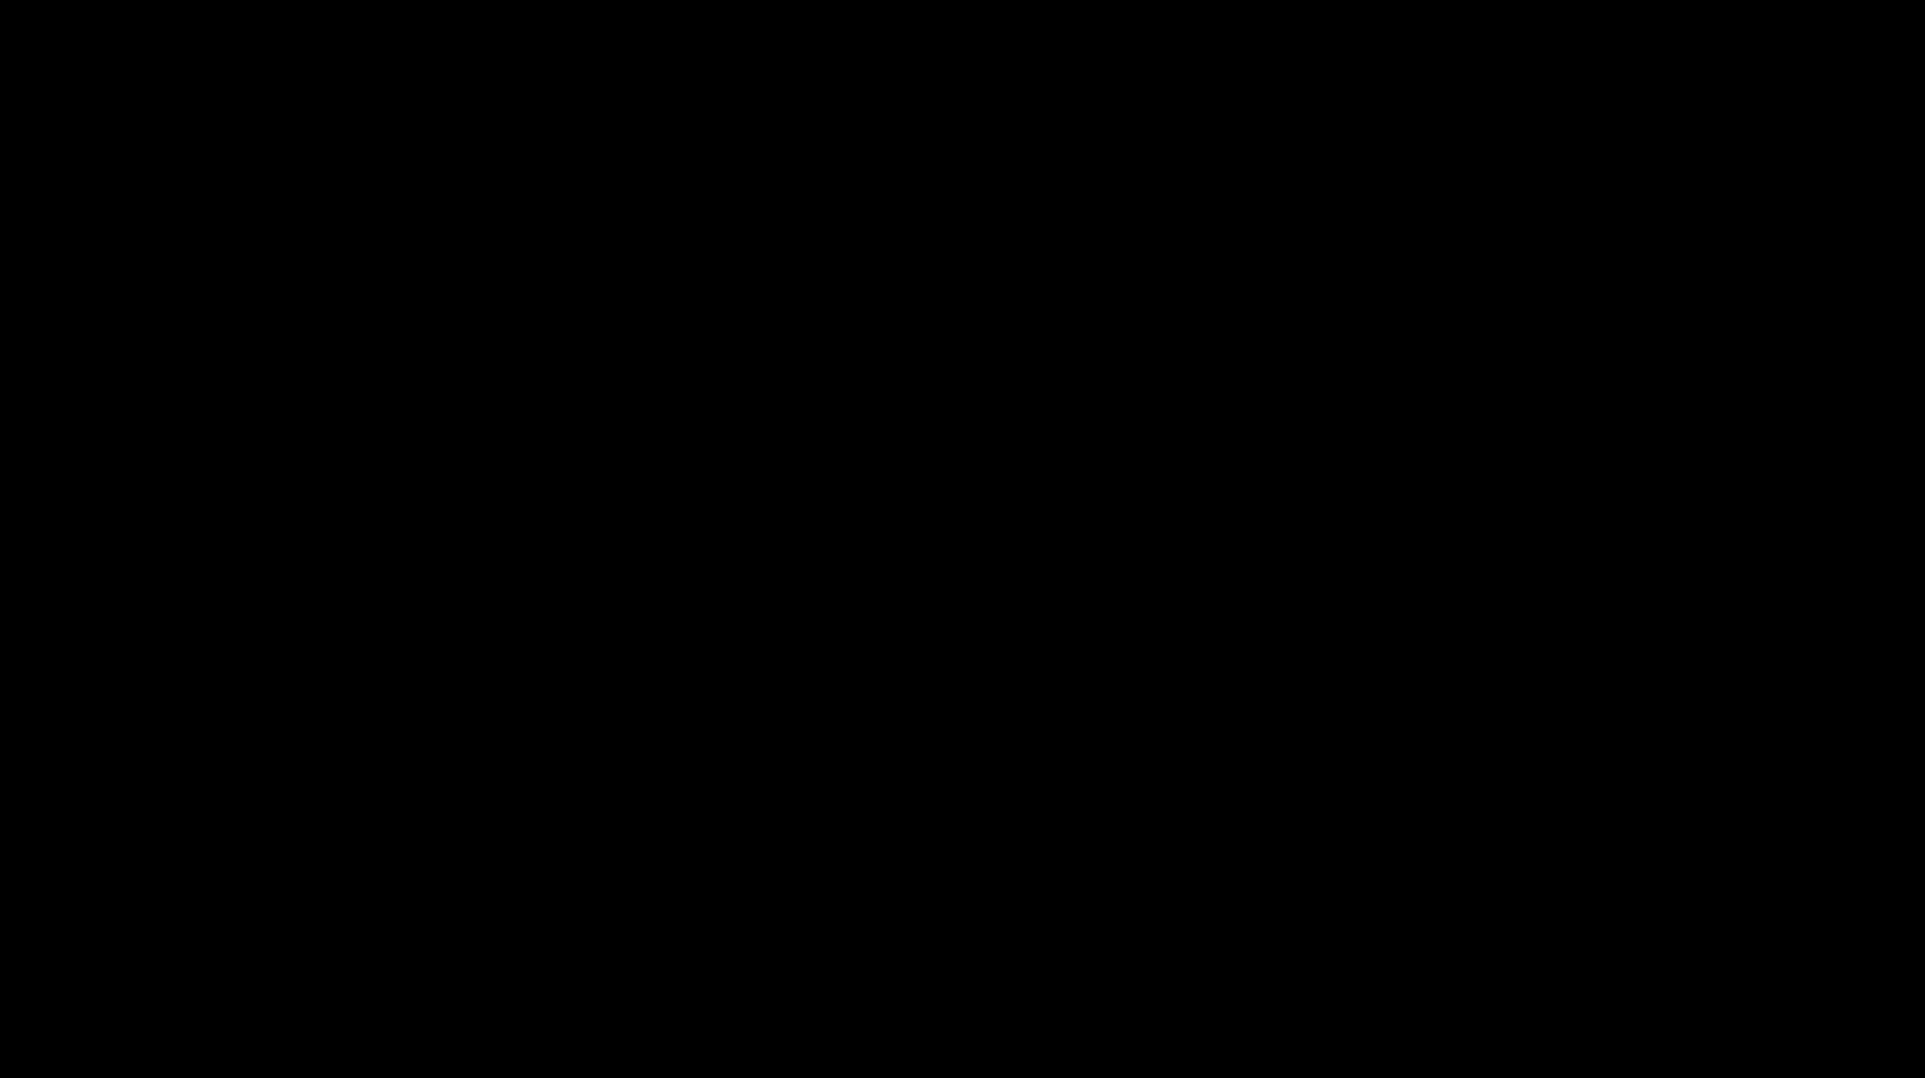 Blackfin BF807 ARCH CAPE